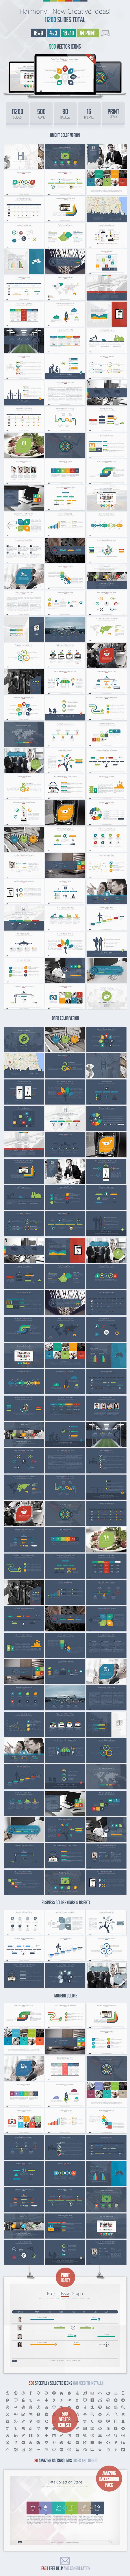 GraphicRiver Harmony Usability Keynote Presentation Template 10729687